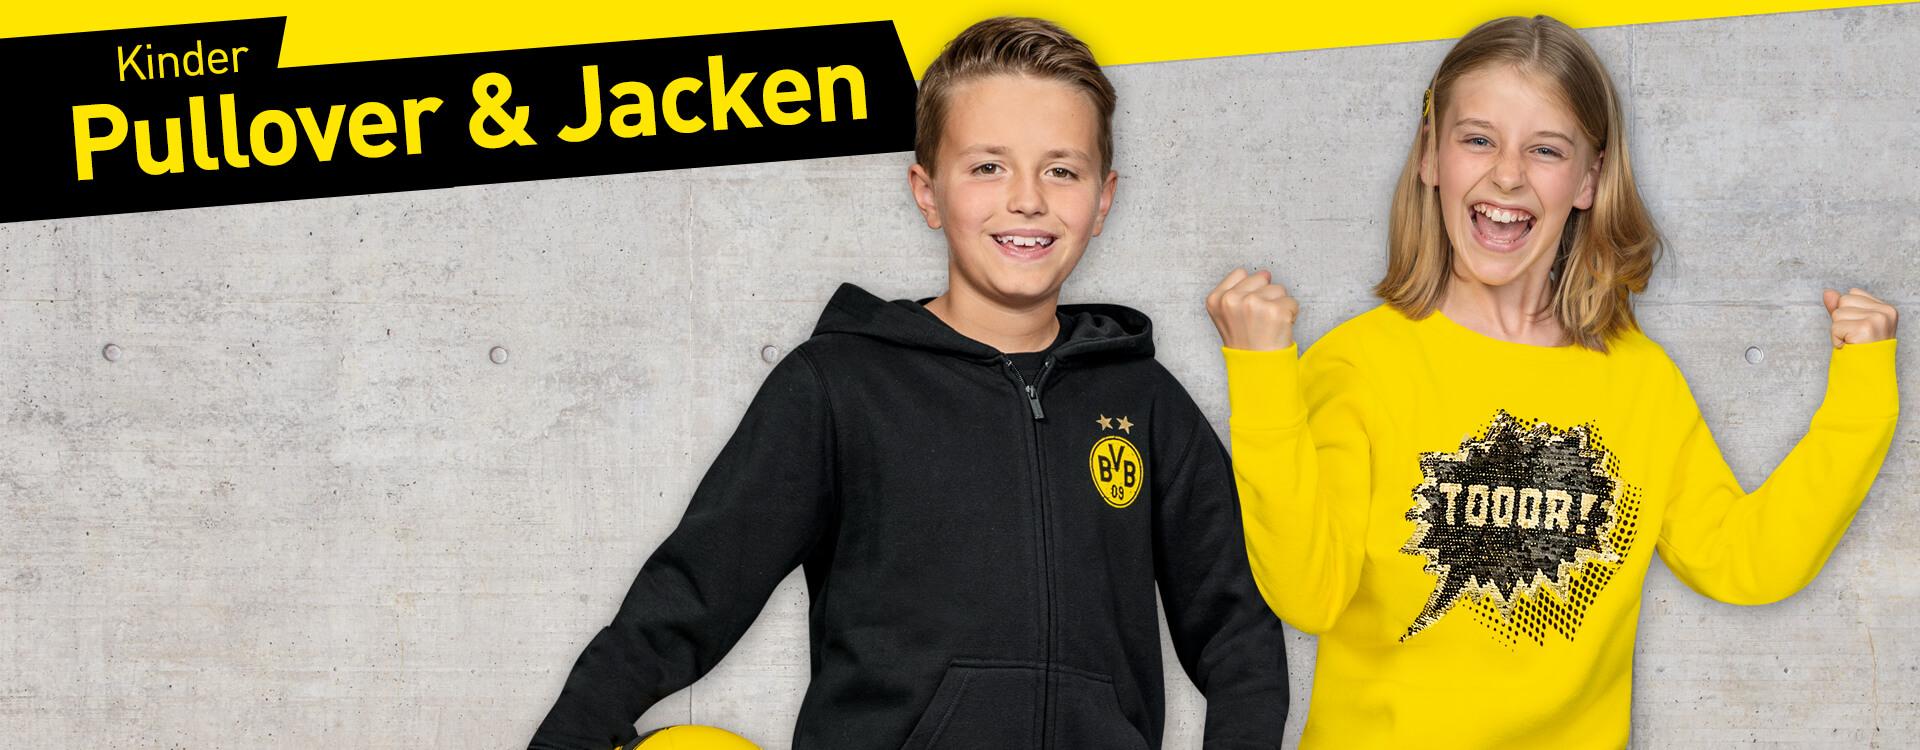 Kategoriebuehnen-Kinder-Jacken-Pullover